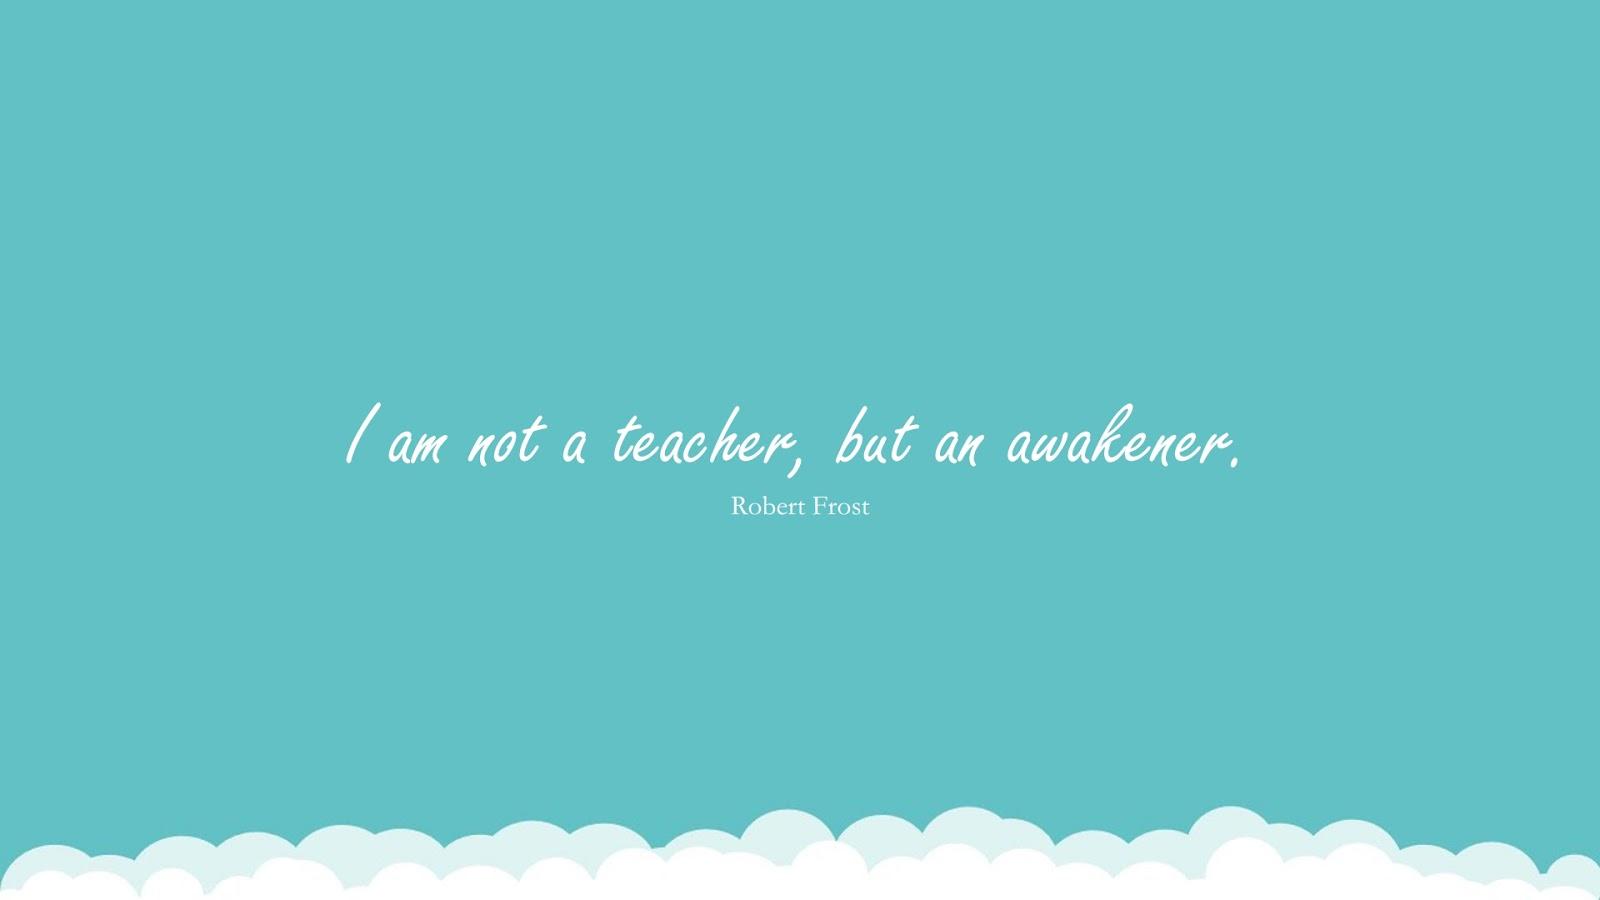 I am not a teacher, but an awakener. (Robert Frost);  #LearningQuotes